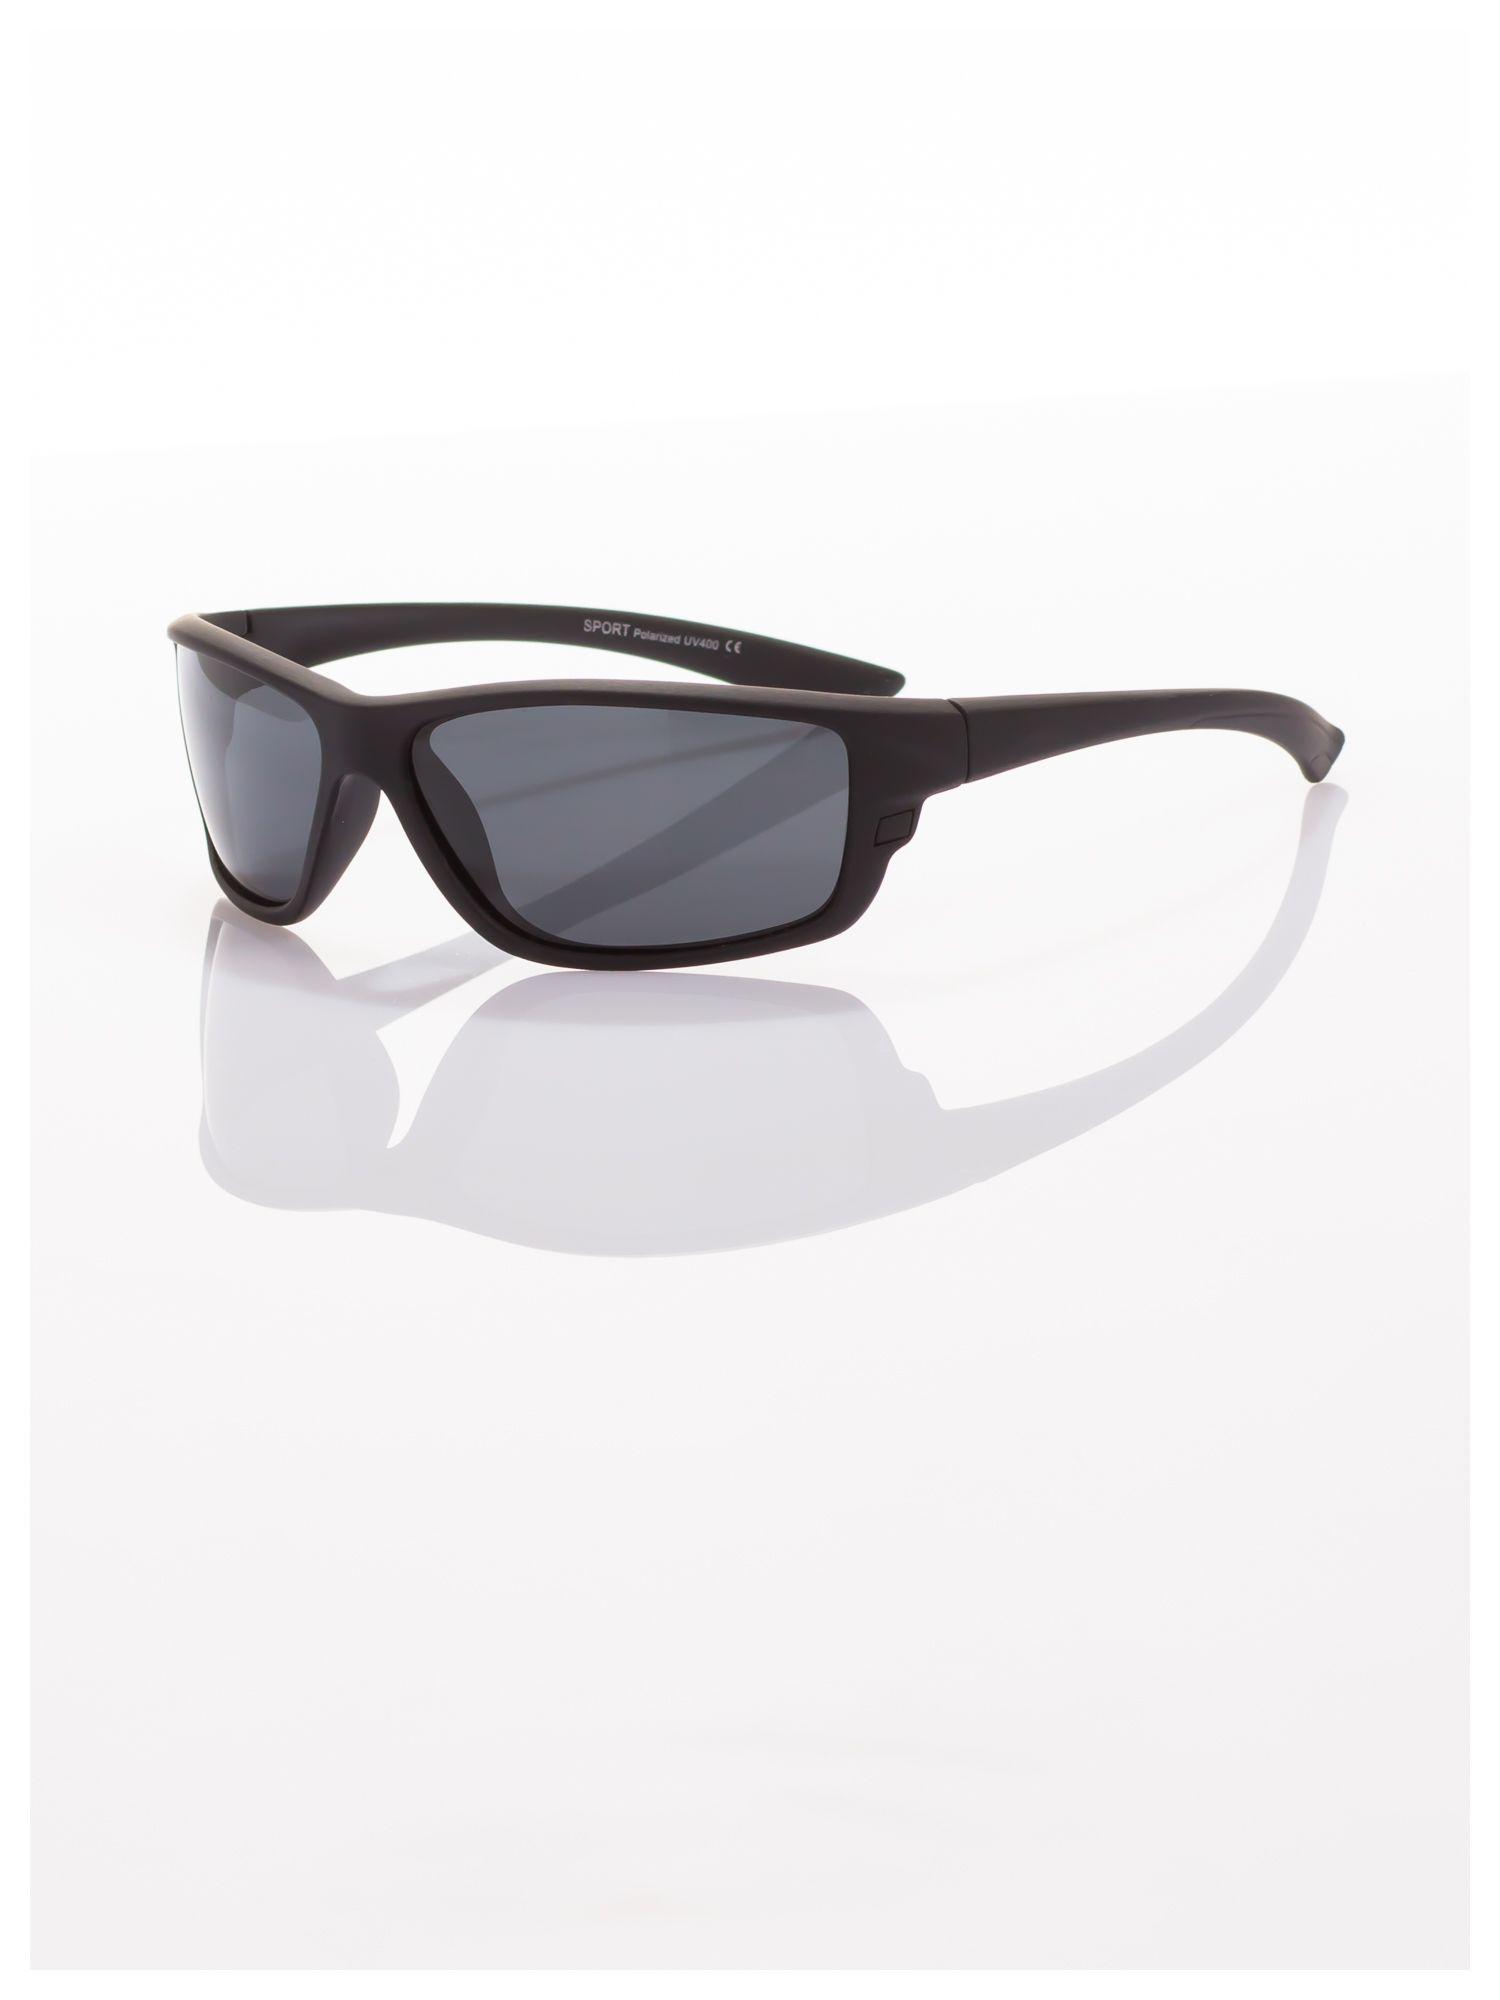 Sportowe POLARYZACYJNE  męskie okulary przeciwsłoneczne - antypoślizgowa oprawka  +GRATISY                                  zdj.                                  1